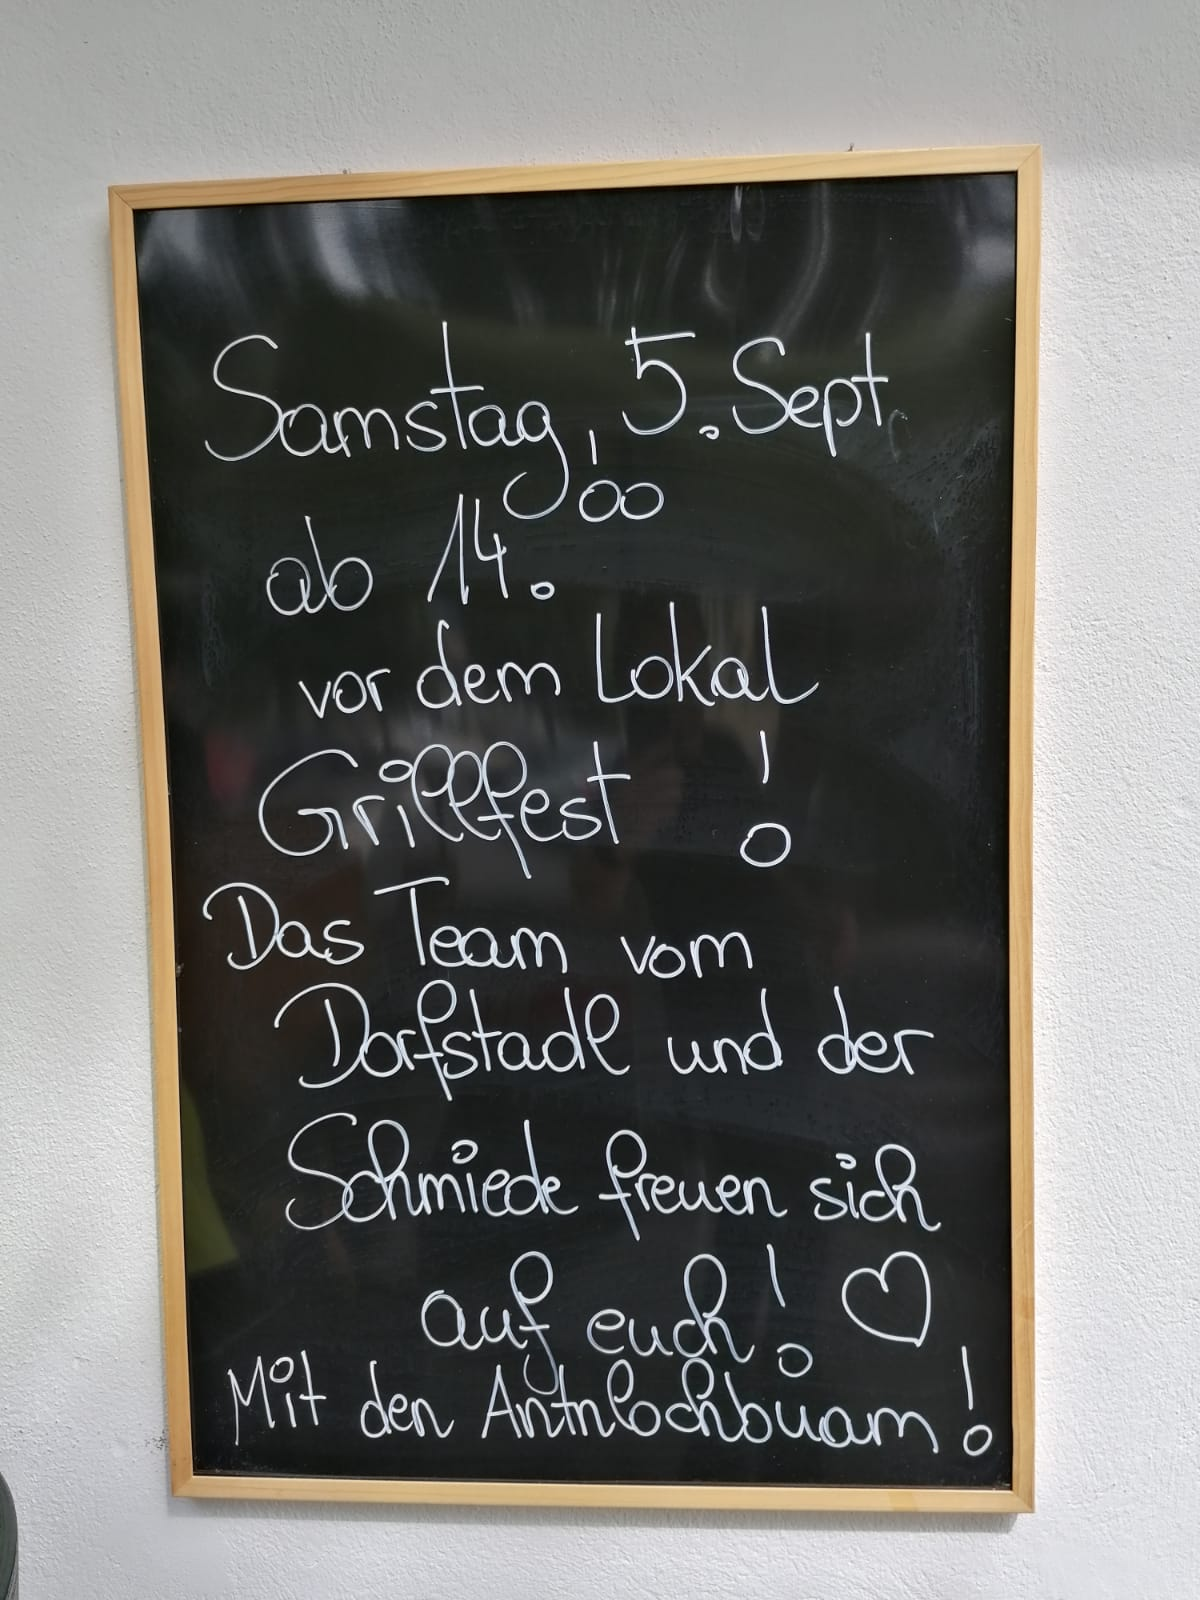 Grillfest_Dorfstadt_Schmiede